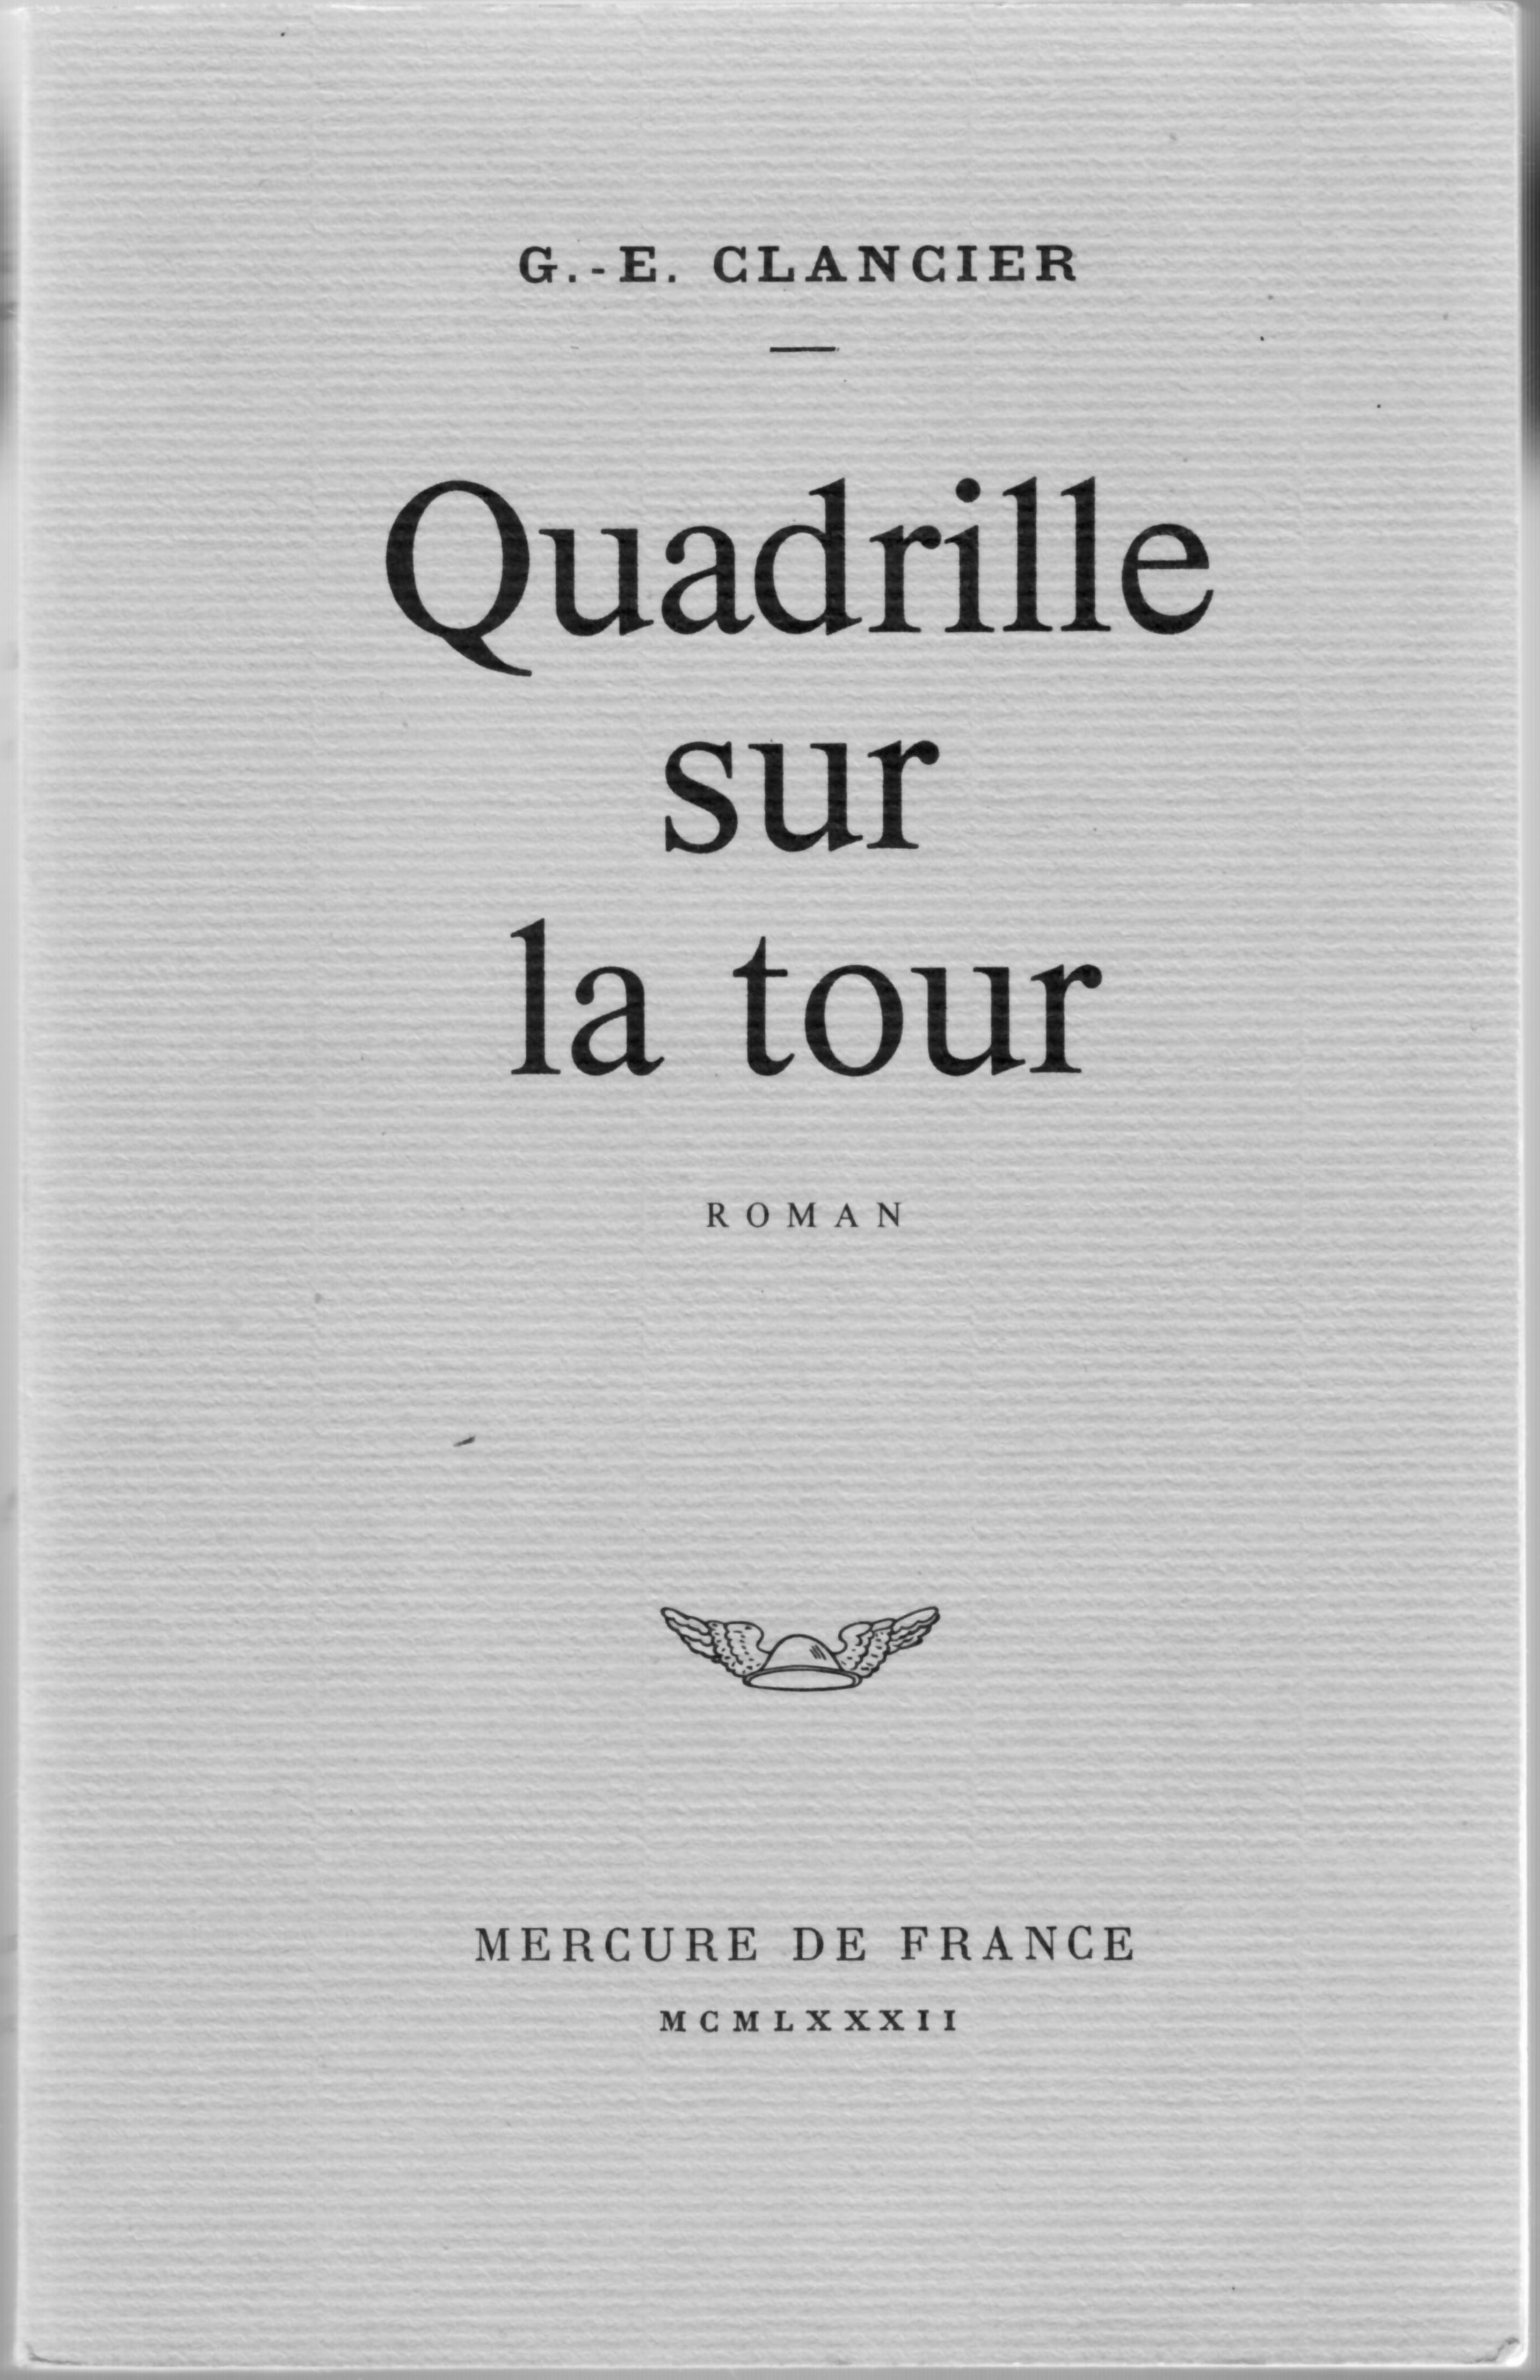 Quadrille_sur_la_tour_-_Georges-Emmanuel_CLANCIER